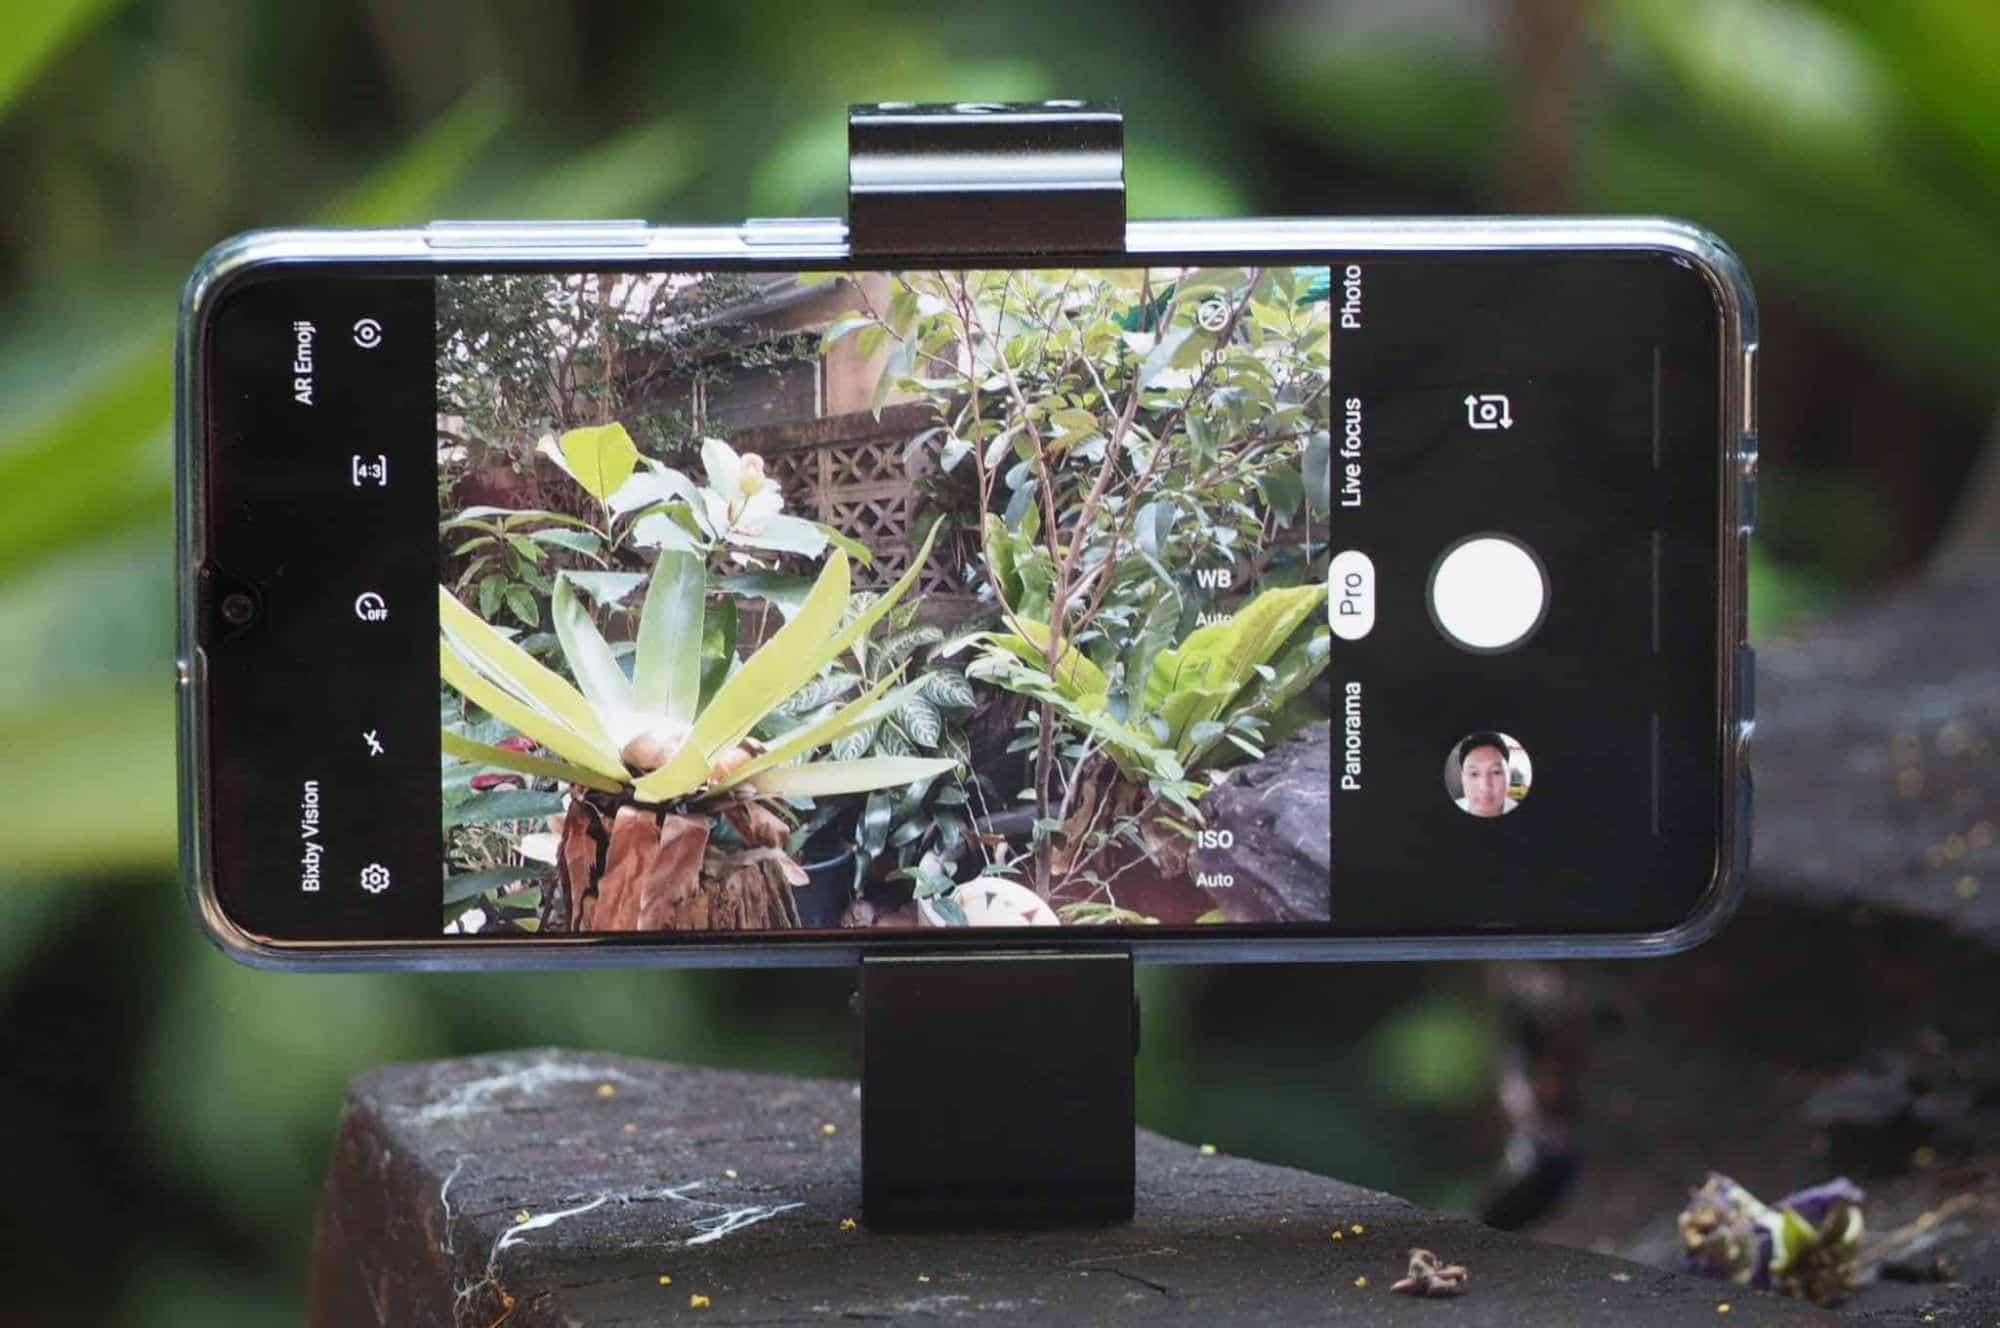 รีวิว Samsung Galaxy A50 พรีเมียมเกินราคา กล้องแจ่ม จอดี มีสแกนนิ้วในหน้าจอ 39